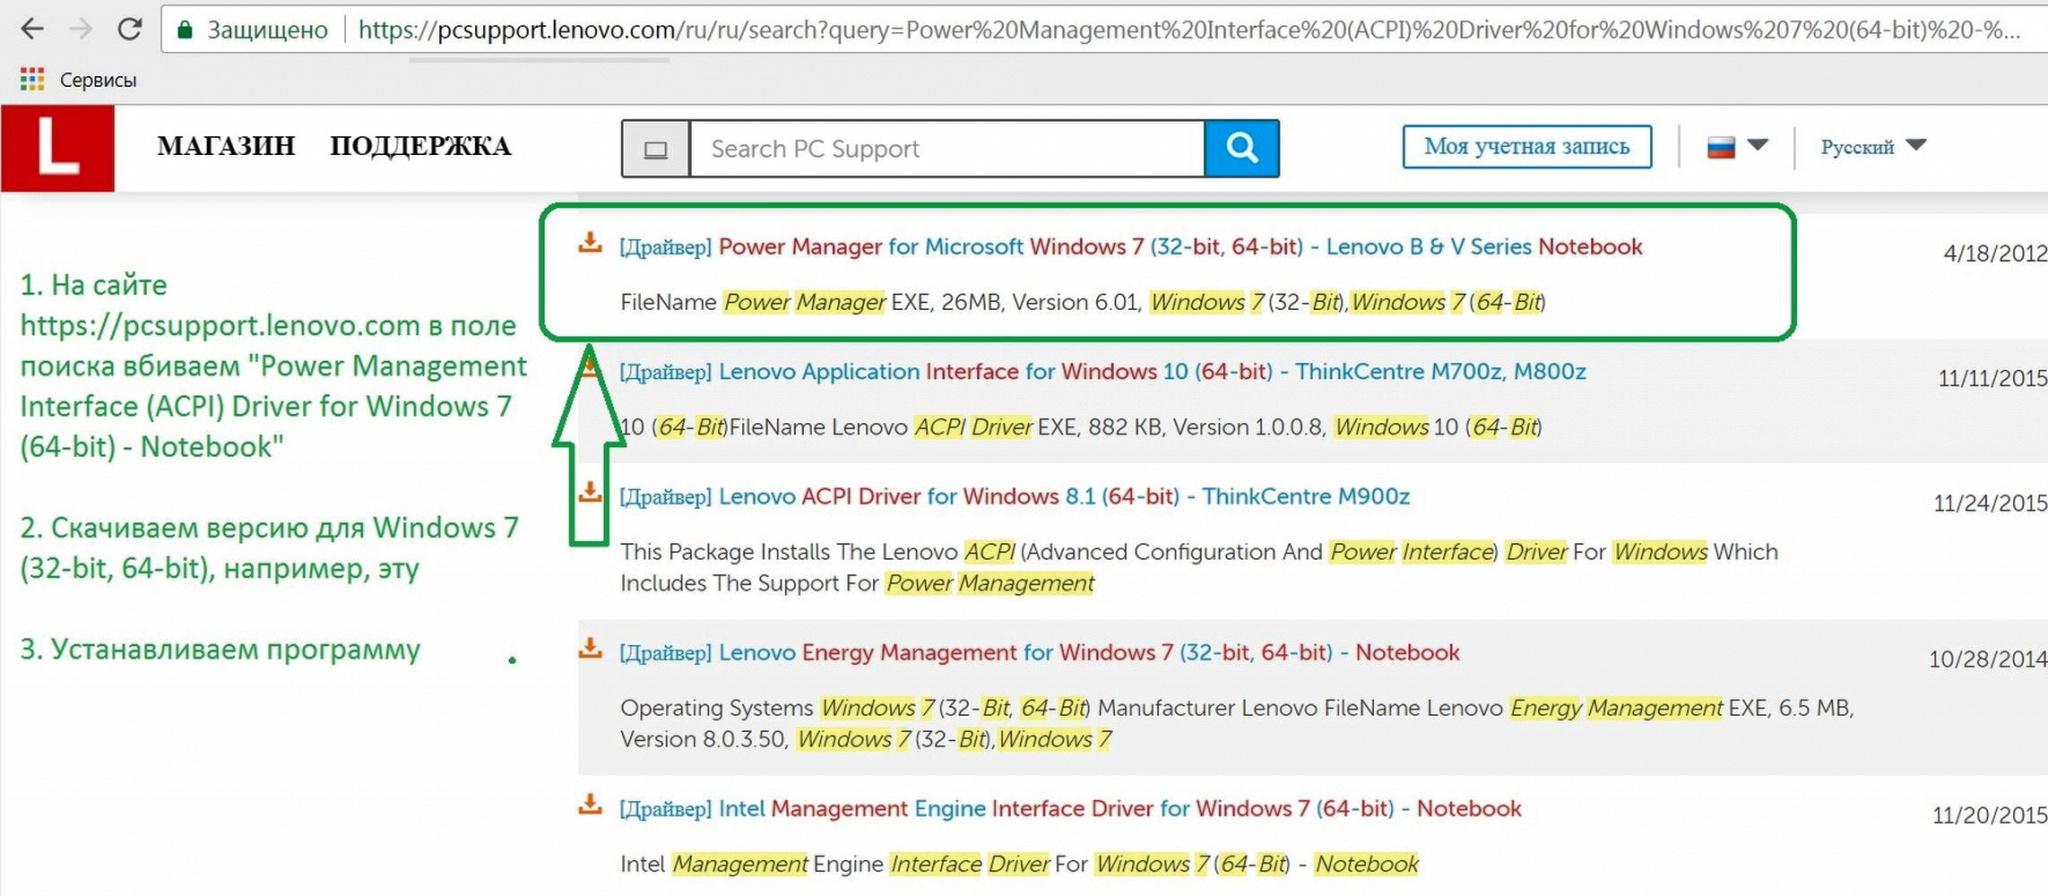 Обзор от покупателя на Ноутбук Lenovo IdeaPad 520-15IKB